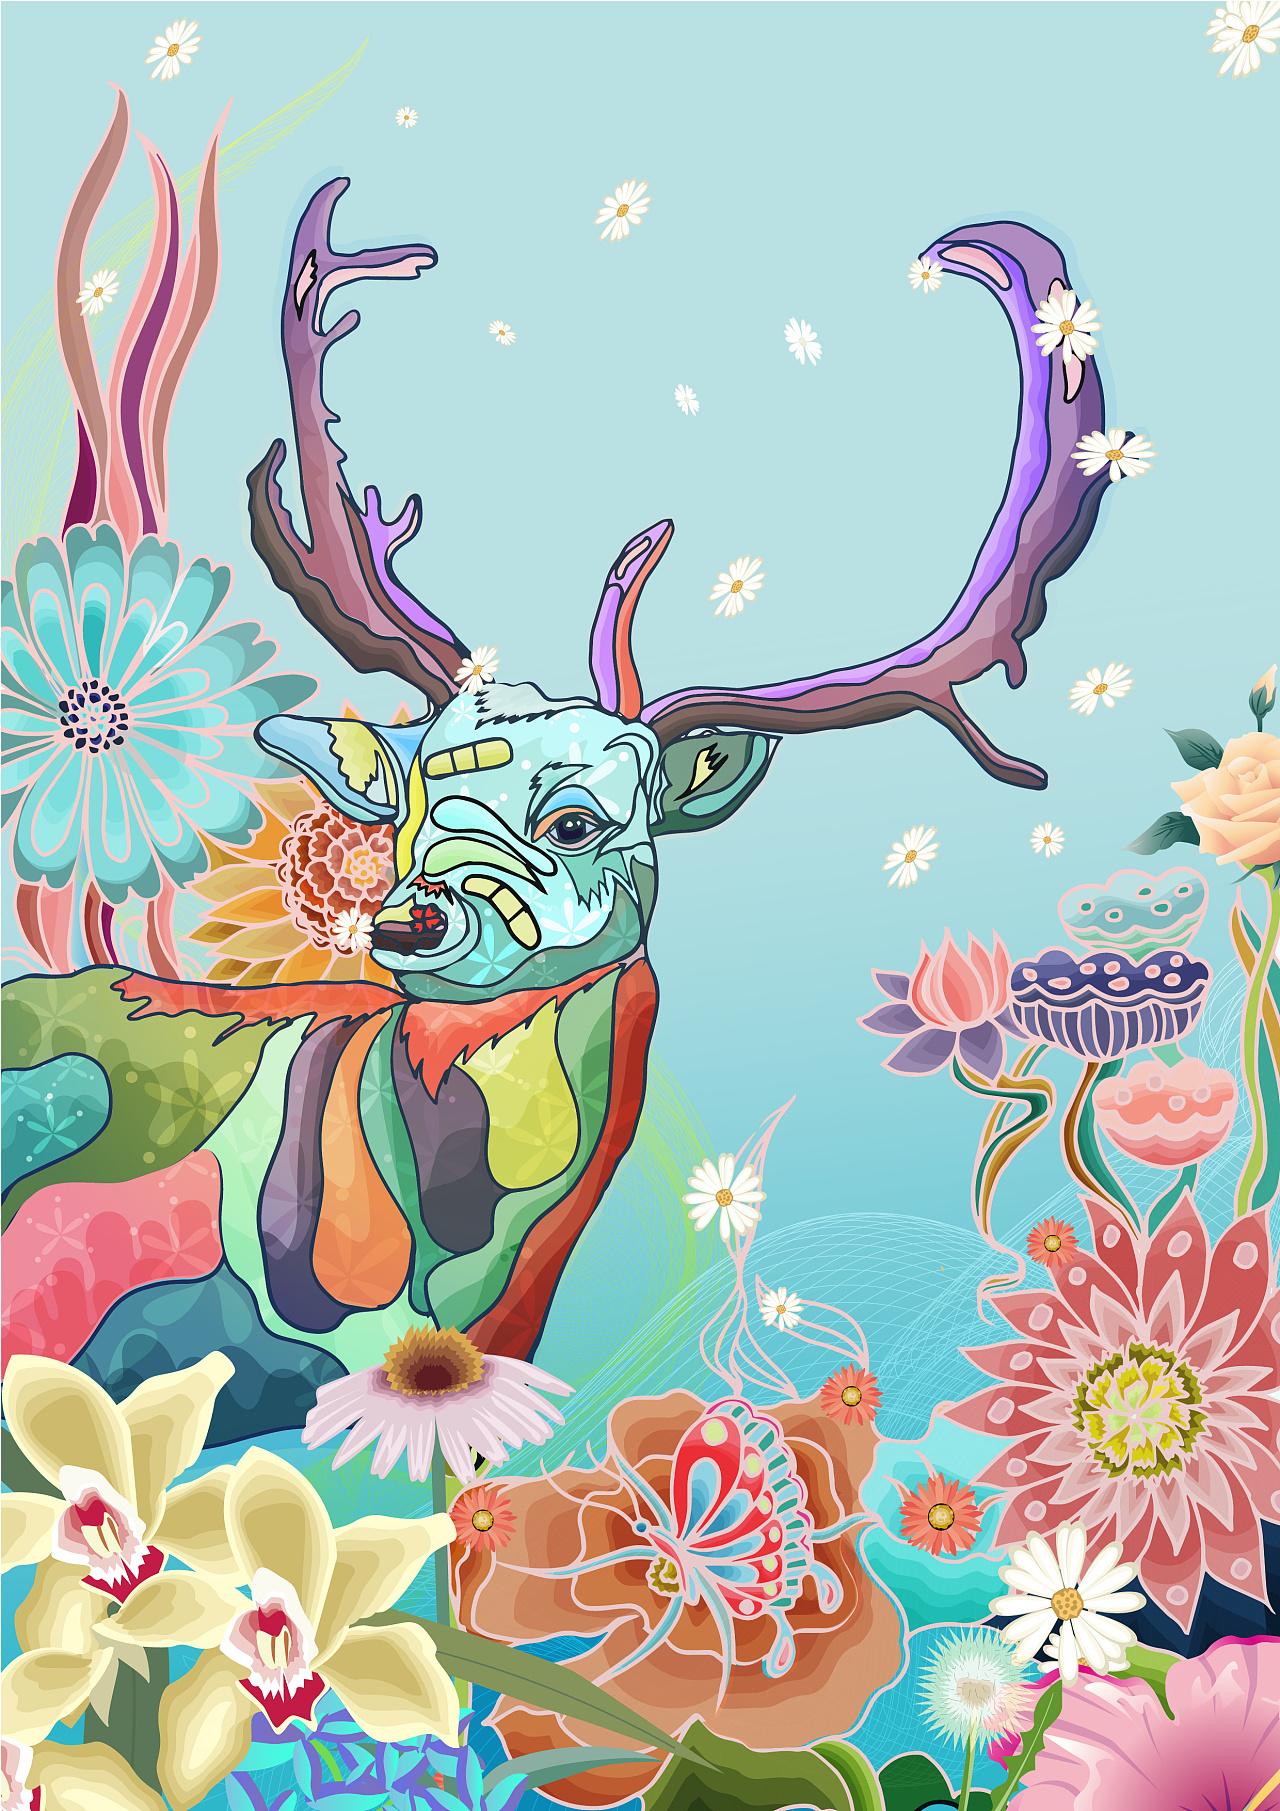 手绘板练习|插画|商业插画|飞鱼92 - 原创作品 - 站酷